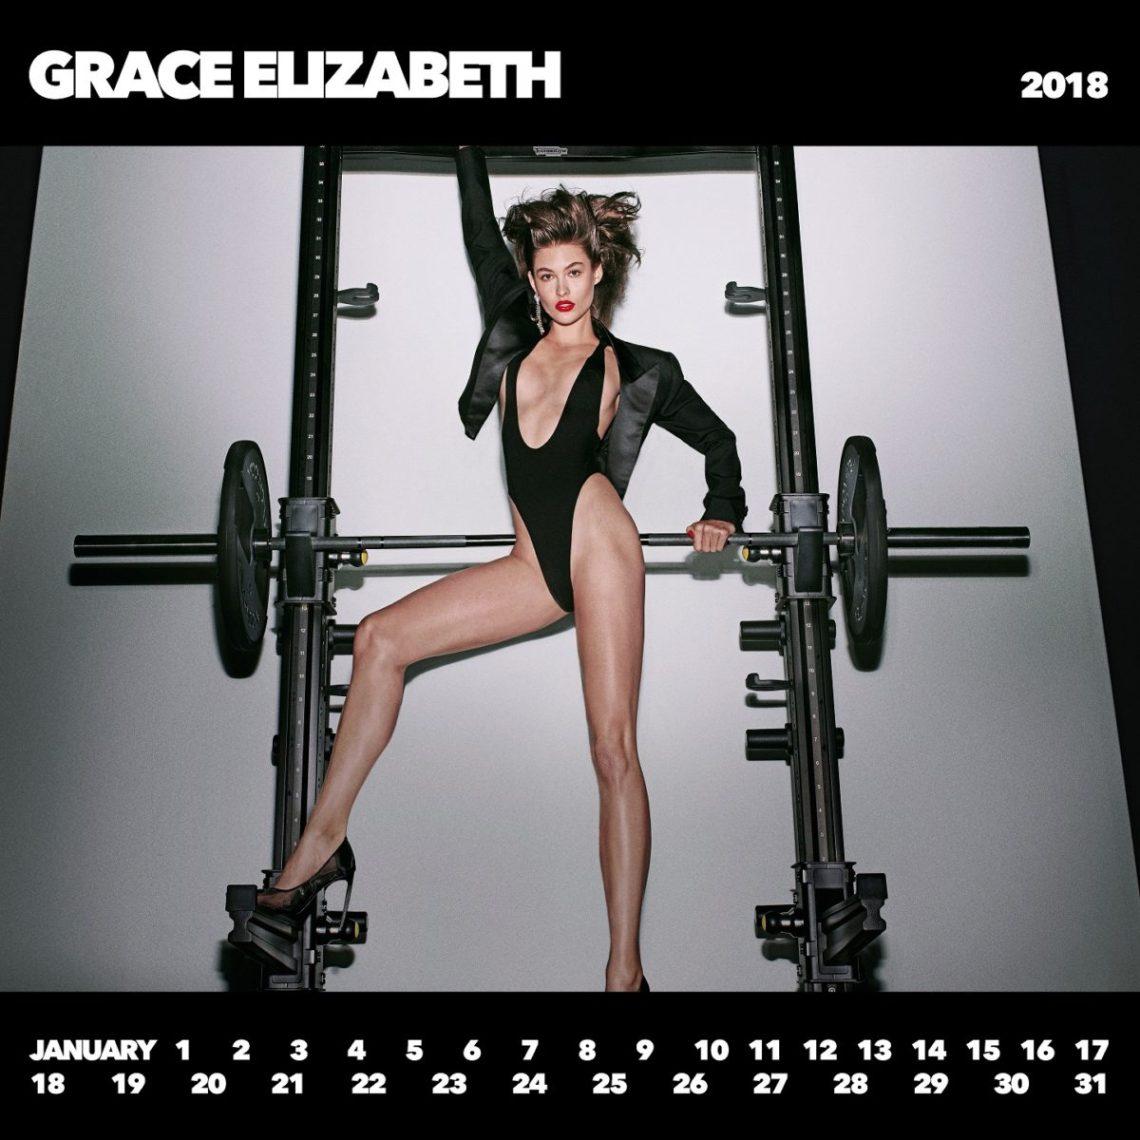 CR Girls 2018 with Technogym Grace Elizabeth